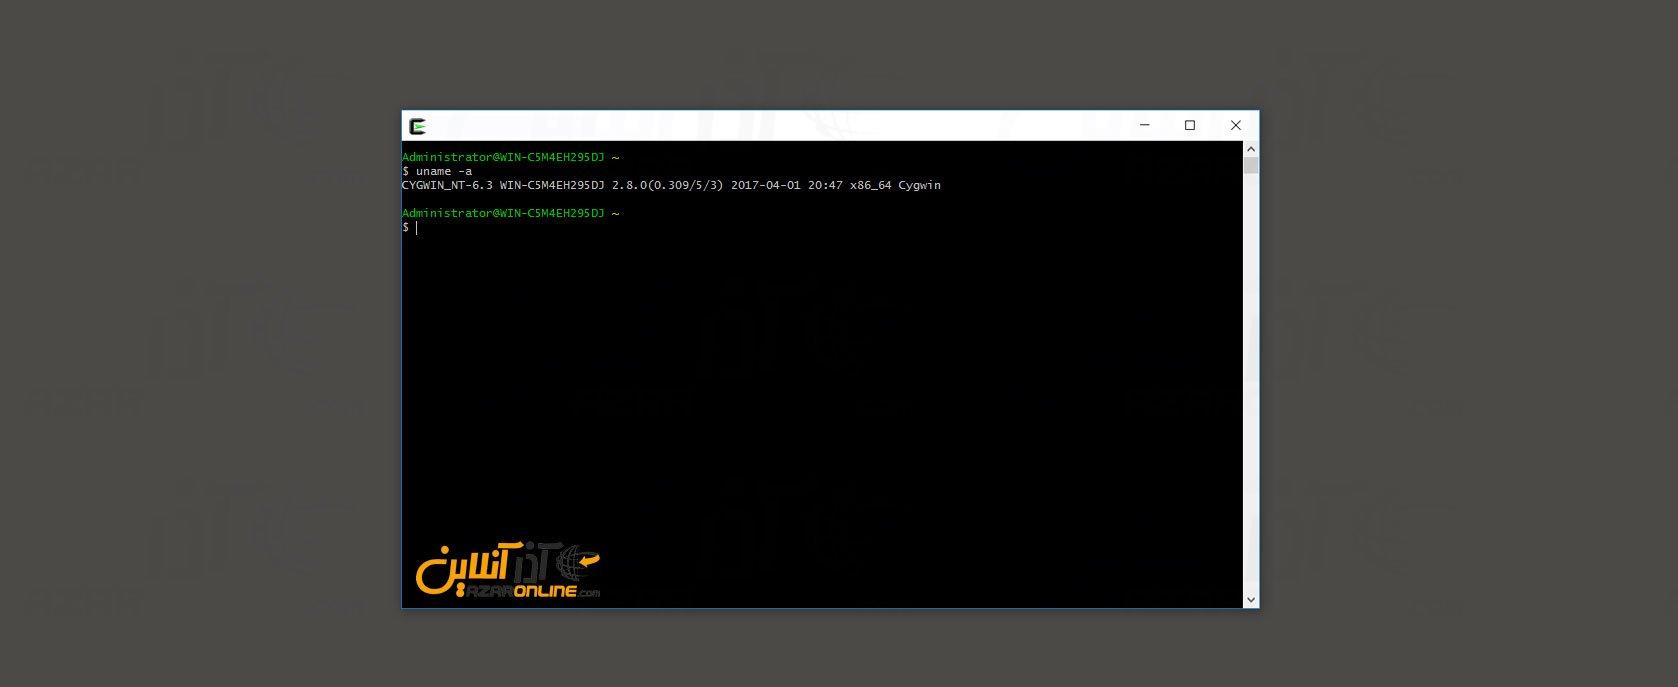 تصویری از cygwin در هنگام اجرای دستورات لینوکس